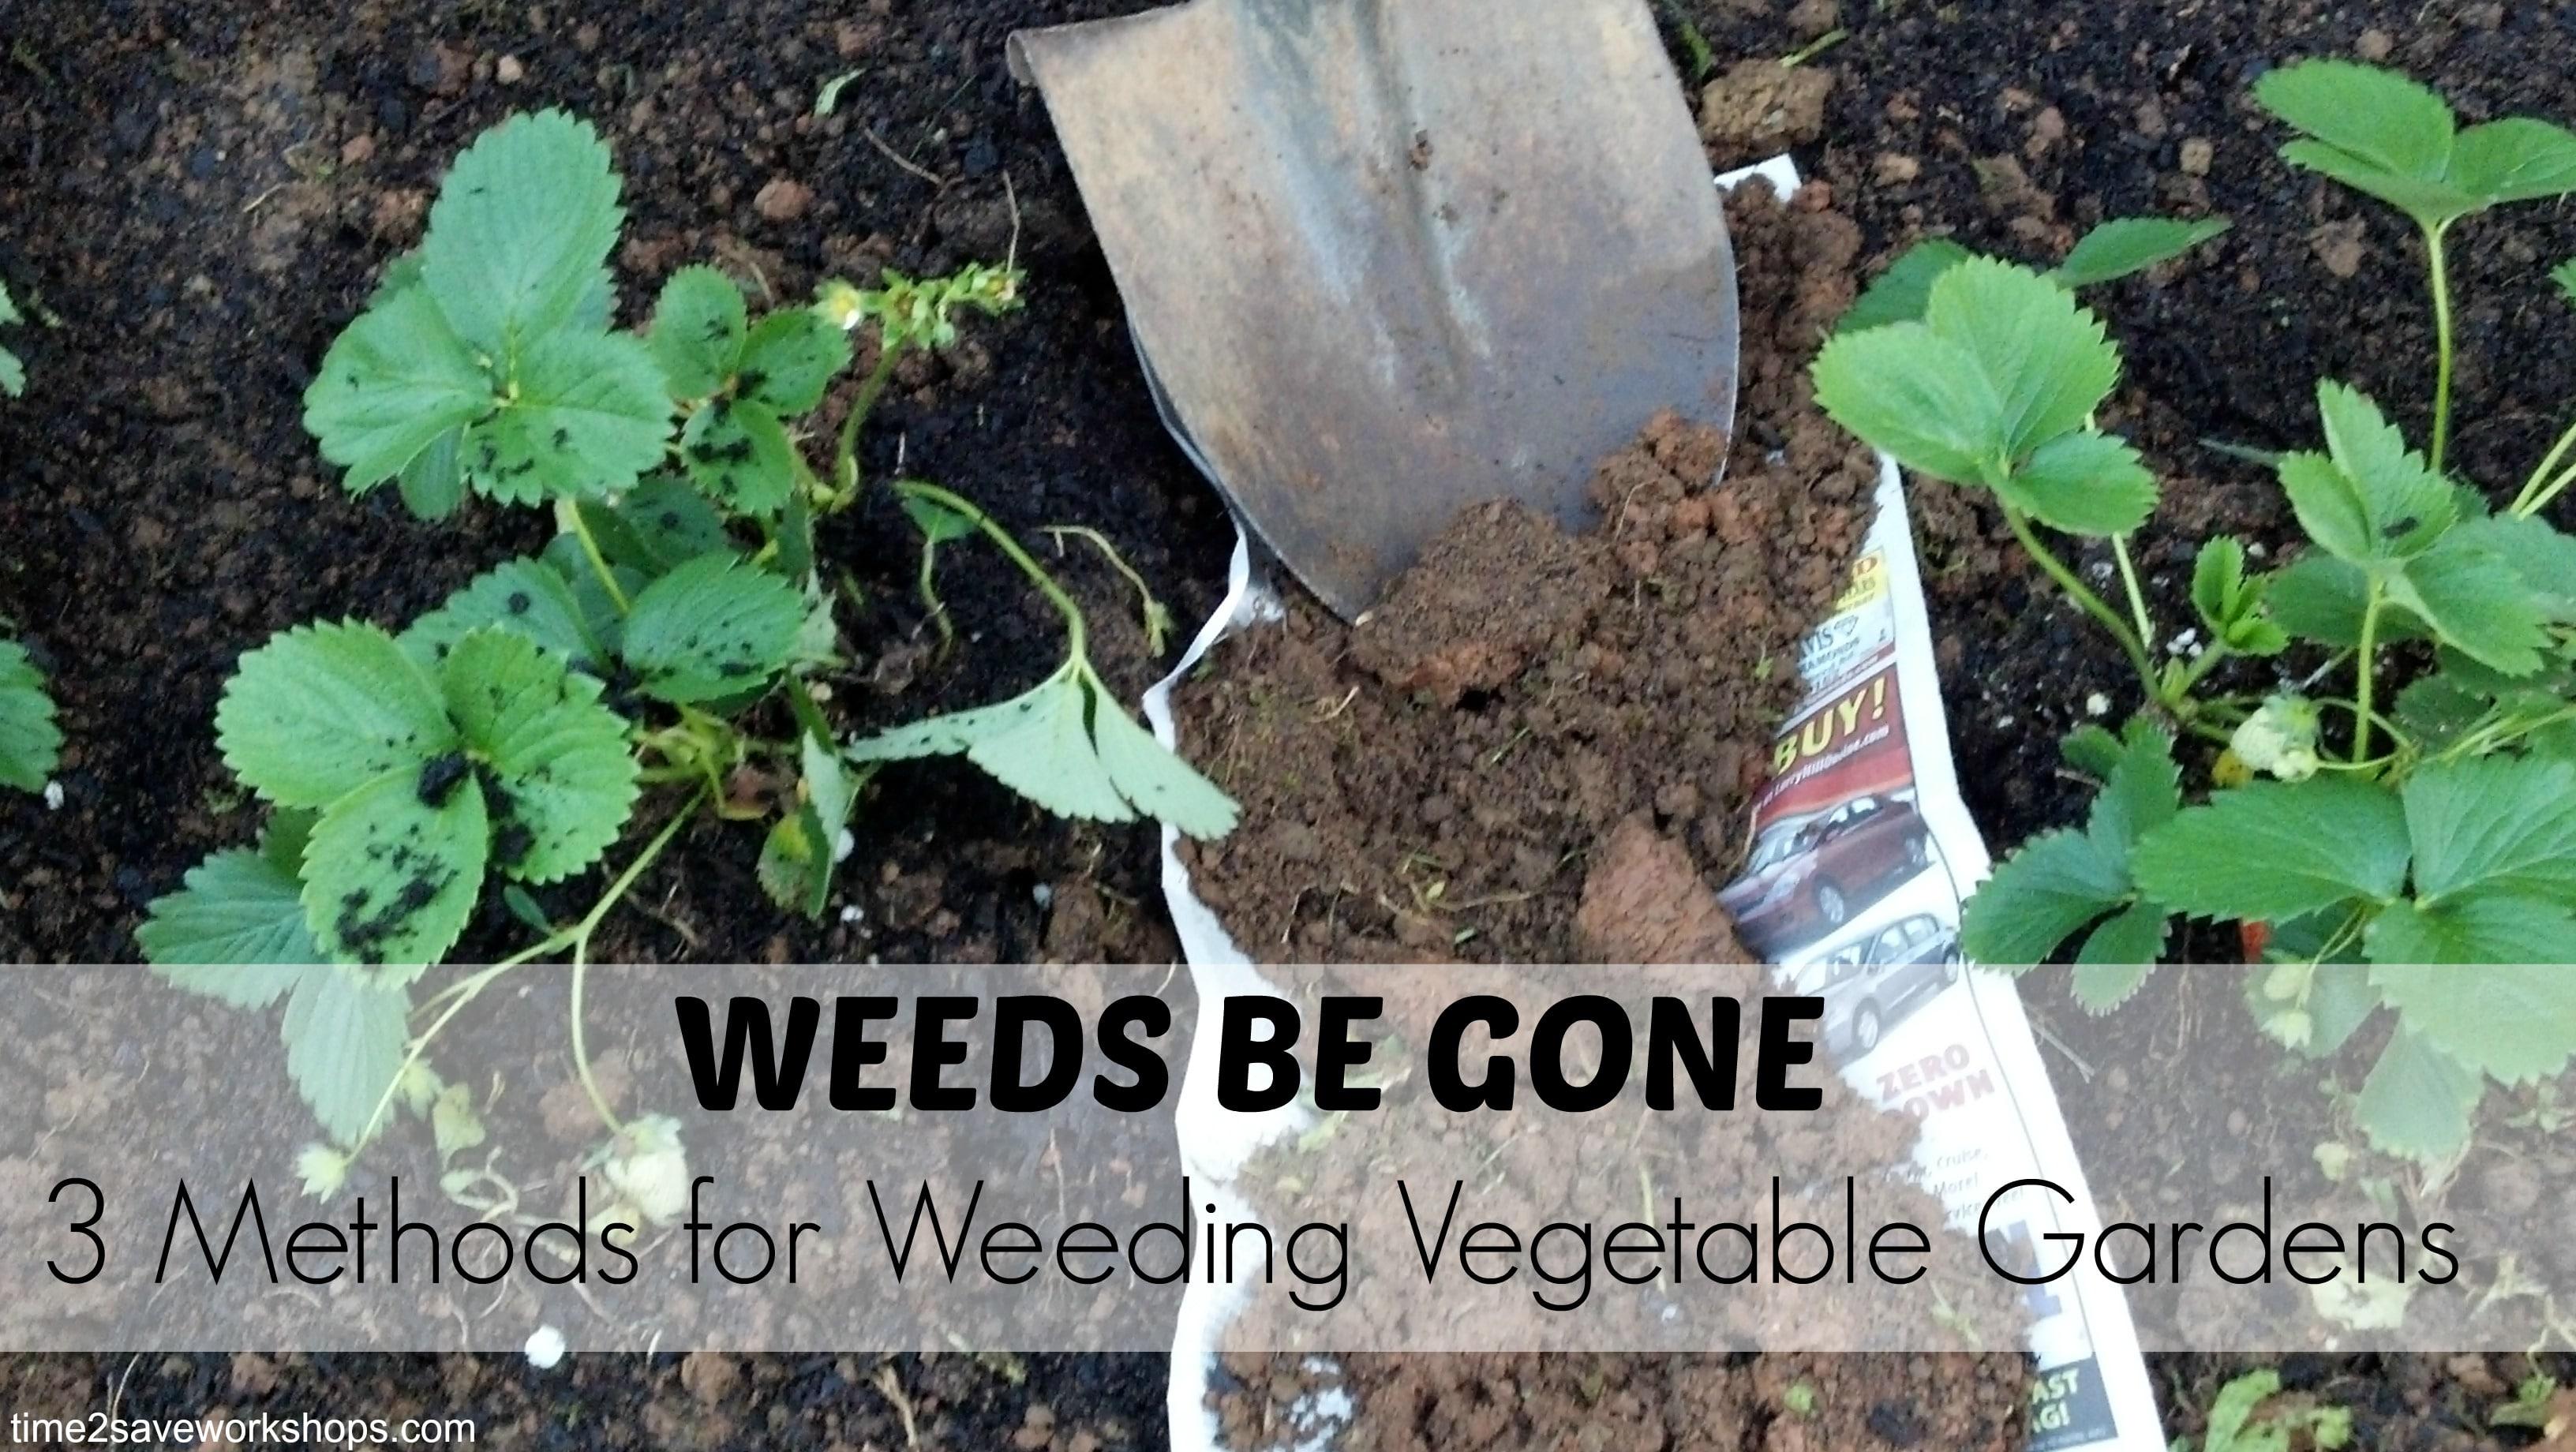 weedsbegone